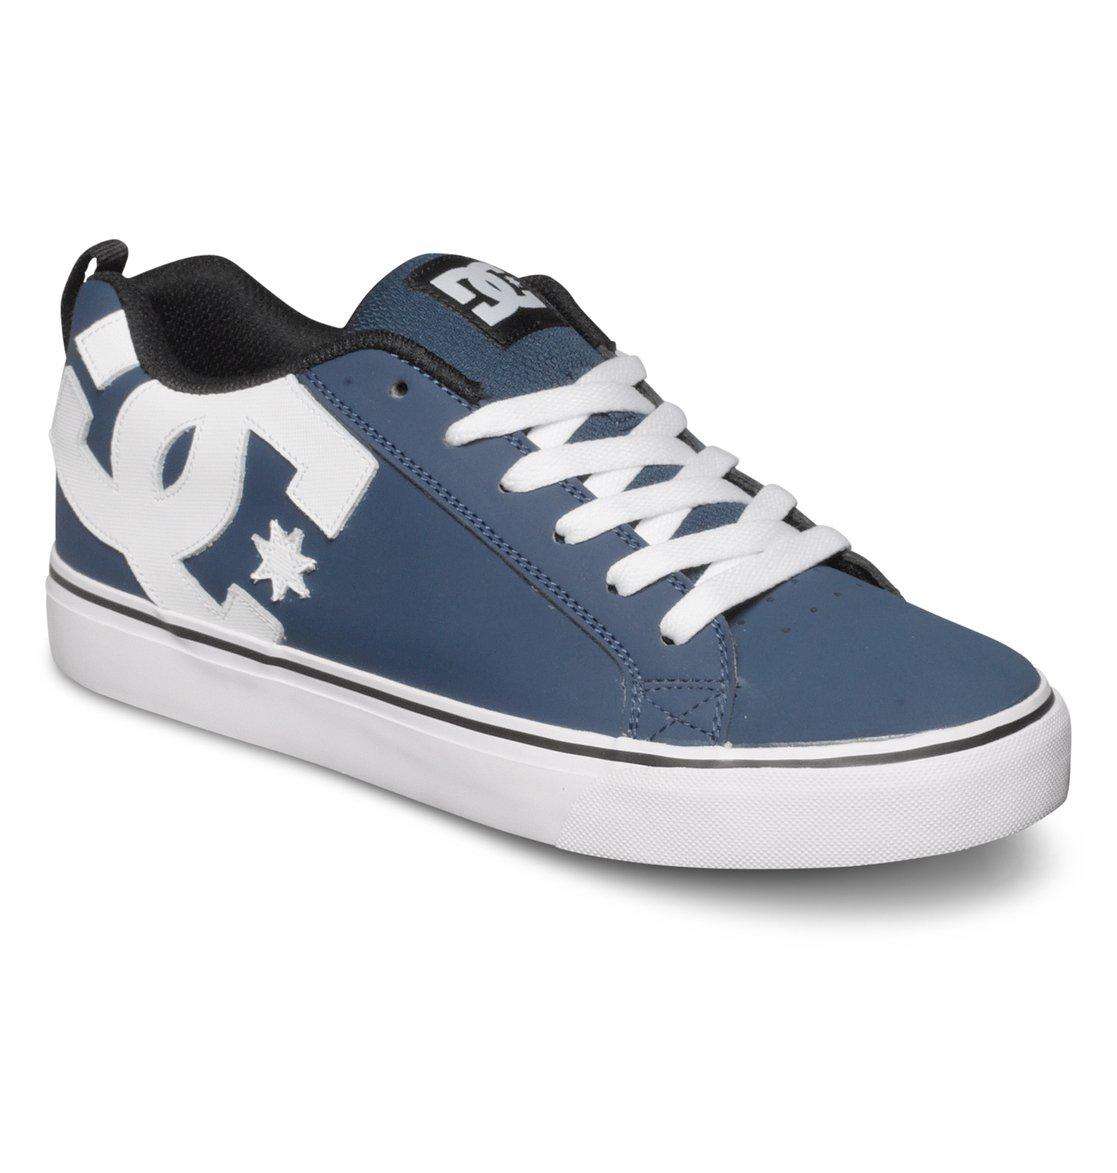 5b8ce7dc35 DC Shoes? Court Vulc ? Zapatillas bajas de skate de hombre 303181